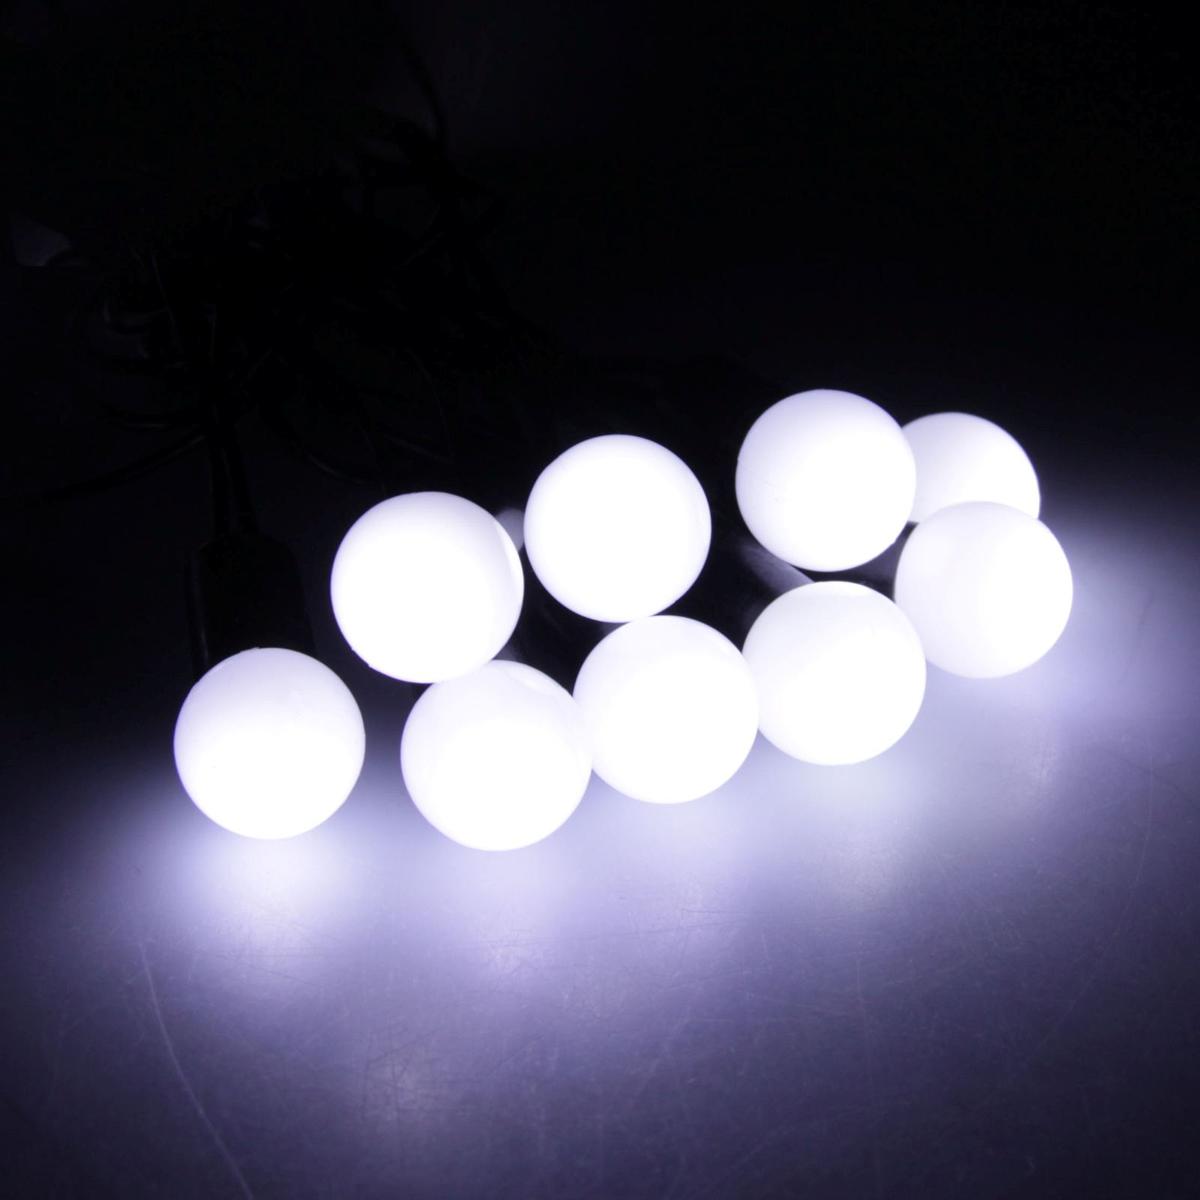 Гирлянда светодиодная Luazon Метраж. Шарики, уличная с насадкой, 8 режимов, 50 ламп, 220 V, 6 м, цвет: белый. 538717538717Светодиодные гирлянды, ленты и т.д. — это отличный вариант для новогоднего оформления интерьера или фасада. С их помощью помещение любого размера можно превратить в праздничный зал, а внешние элементы зданий, украшенные ими, мгновенно станут напоминать очертания сказочного дворца. Такие украшения создают ауру предвкушения чуда. Деревья, фасады, витрины, окна и арки будто специально созданы, чтобы вы украсили их светящимися нитями.